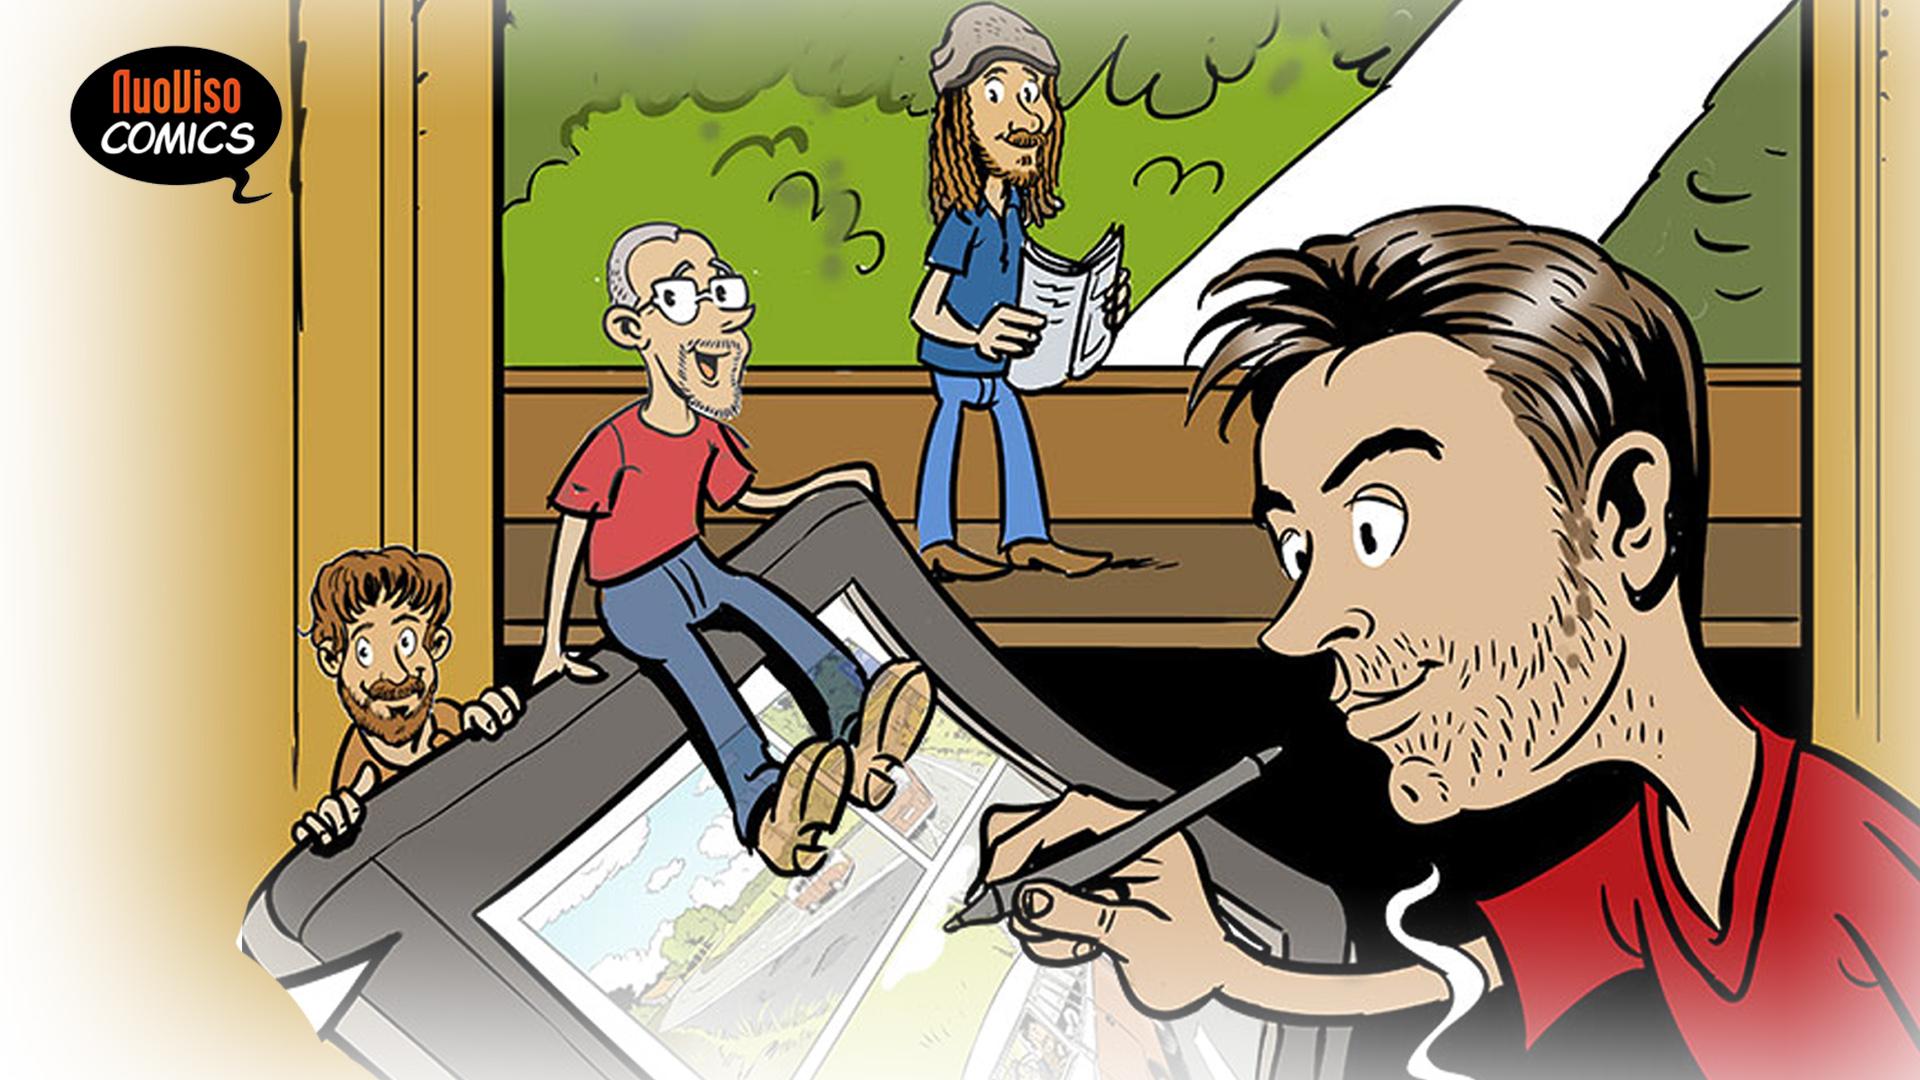 NuoViso Comics – Mit Liebe gezeichnet